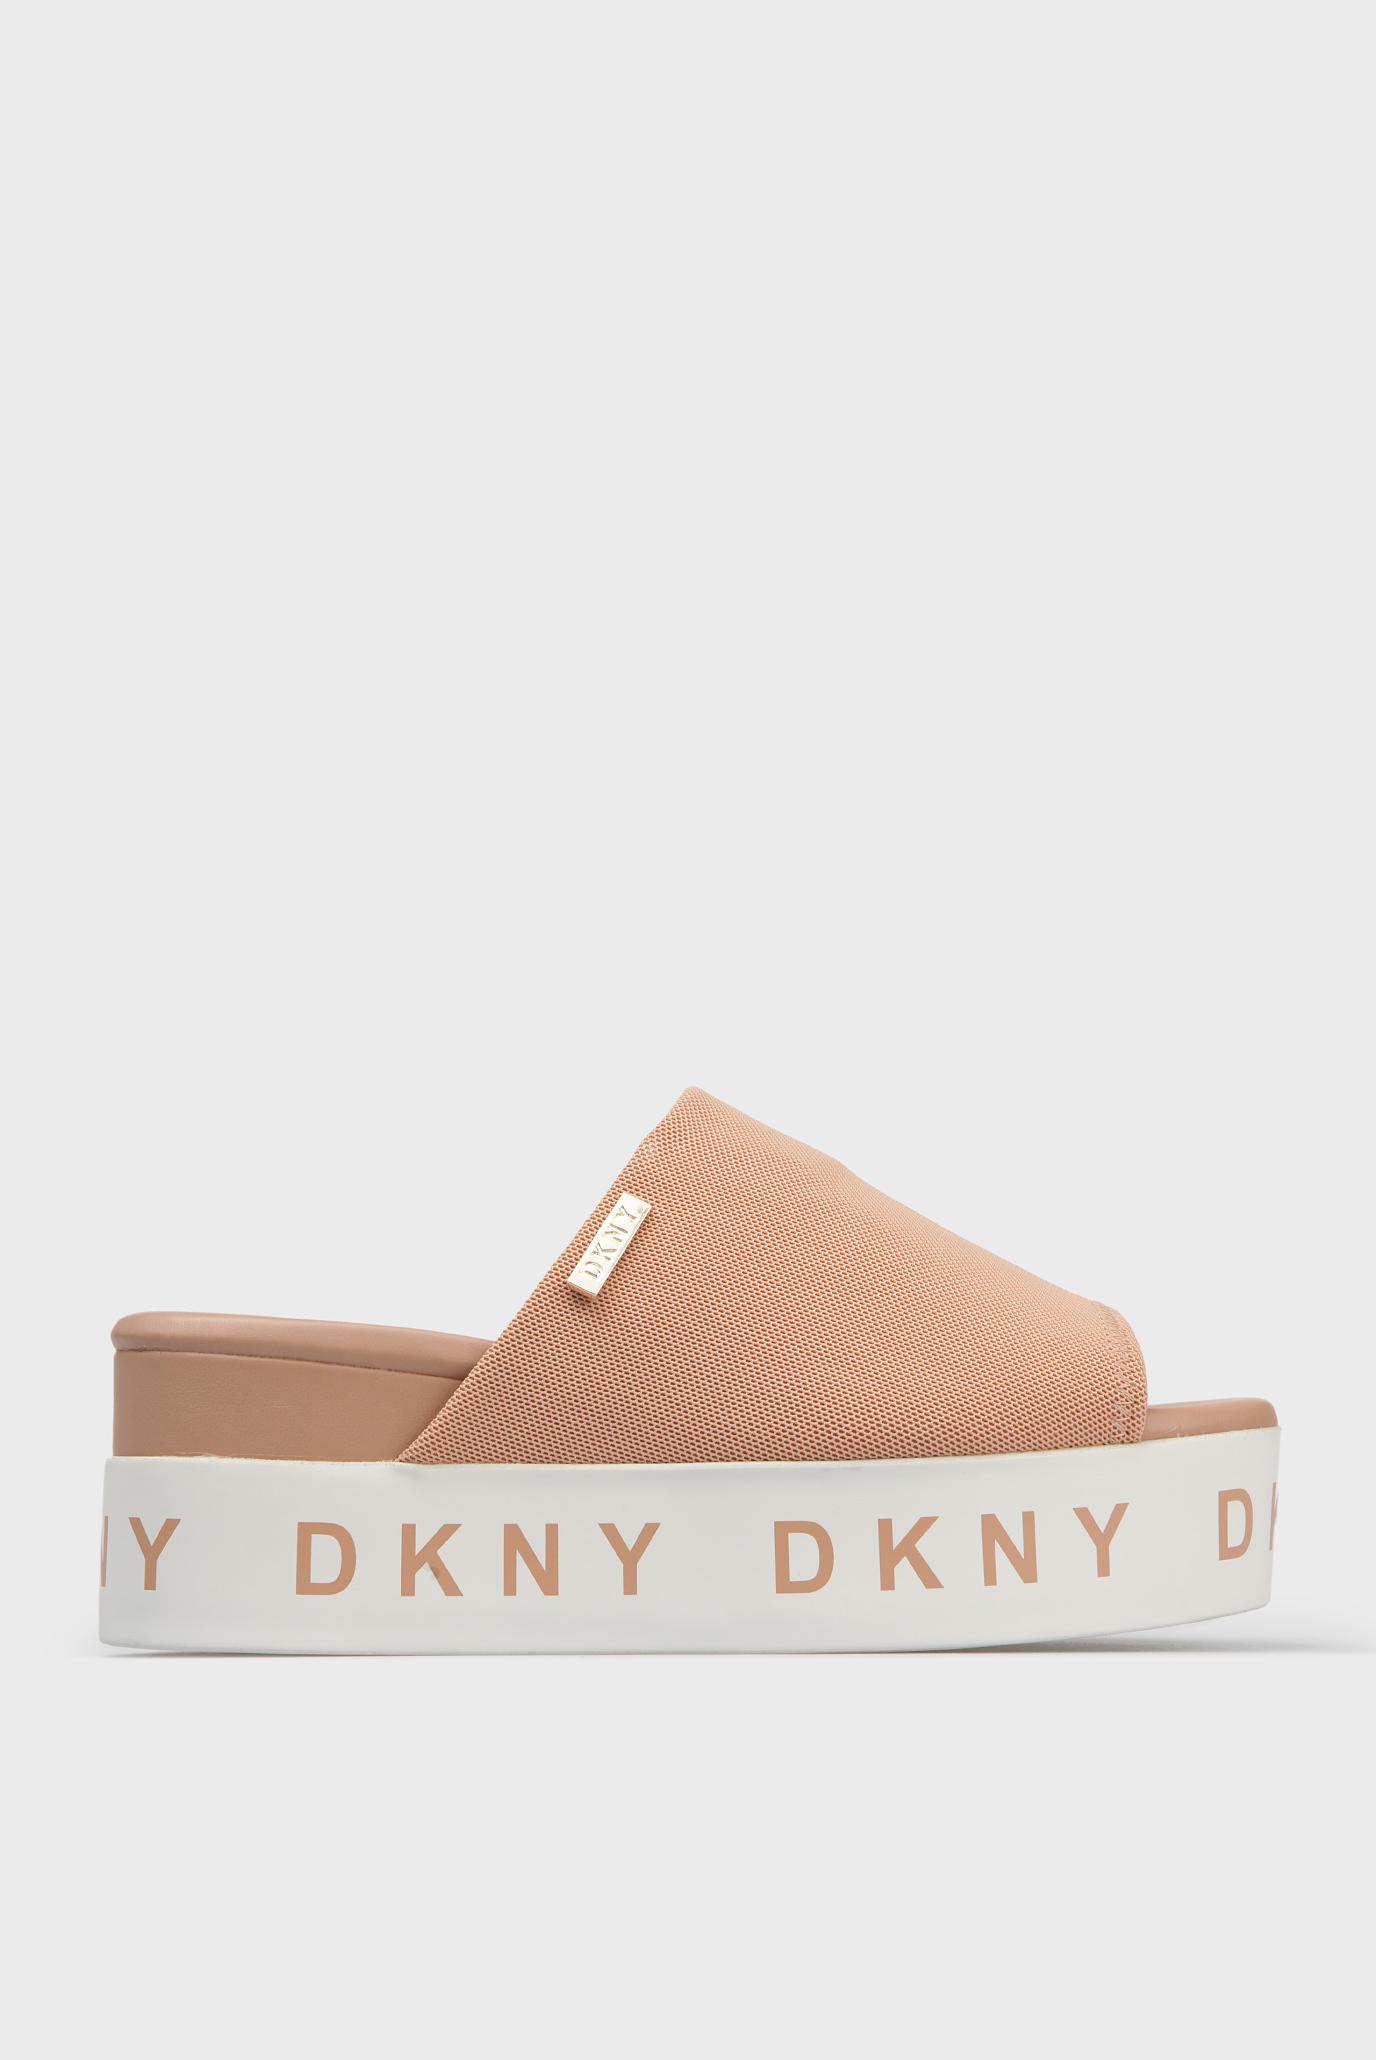 Купить Женские розовые слайдеры DKNY DKNY K1527368 – Киев, Украина. Цены в интернет  магазине MD Fashion 5adbf50debb